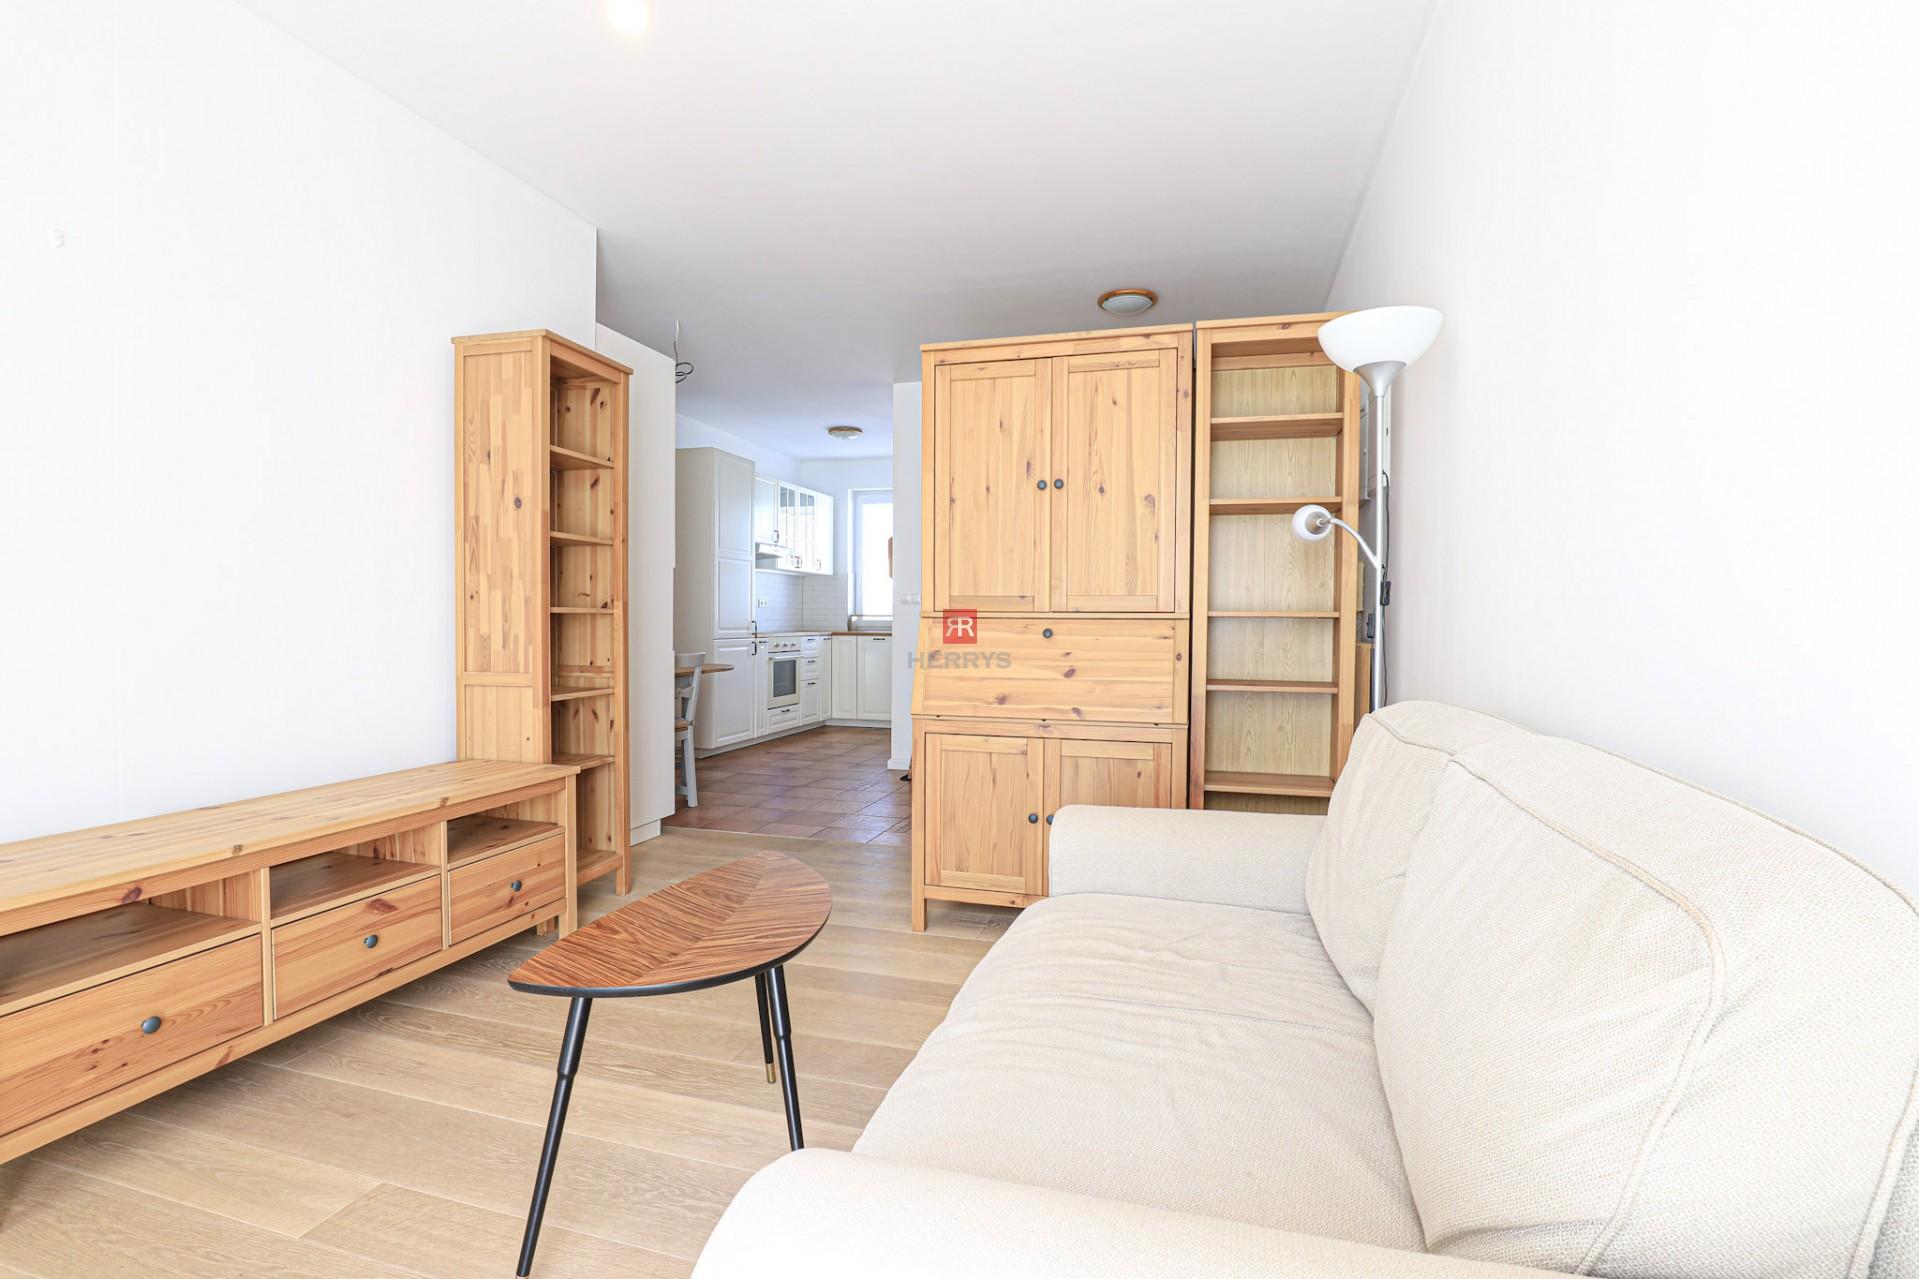 HERRYS - Na predaj slnečný 1,5 izbový byt s predzáhradkou v novostavbe v Rači